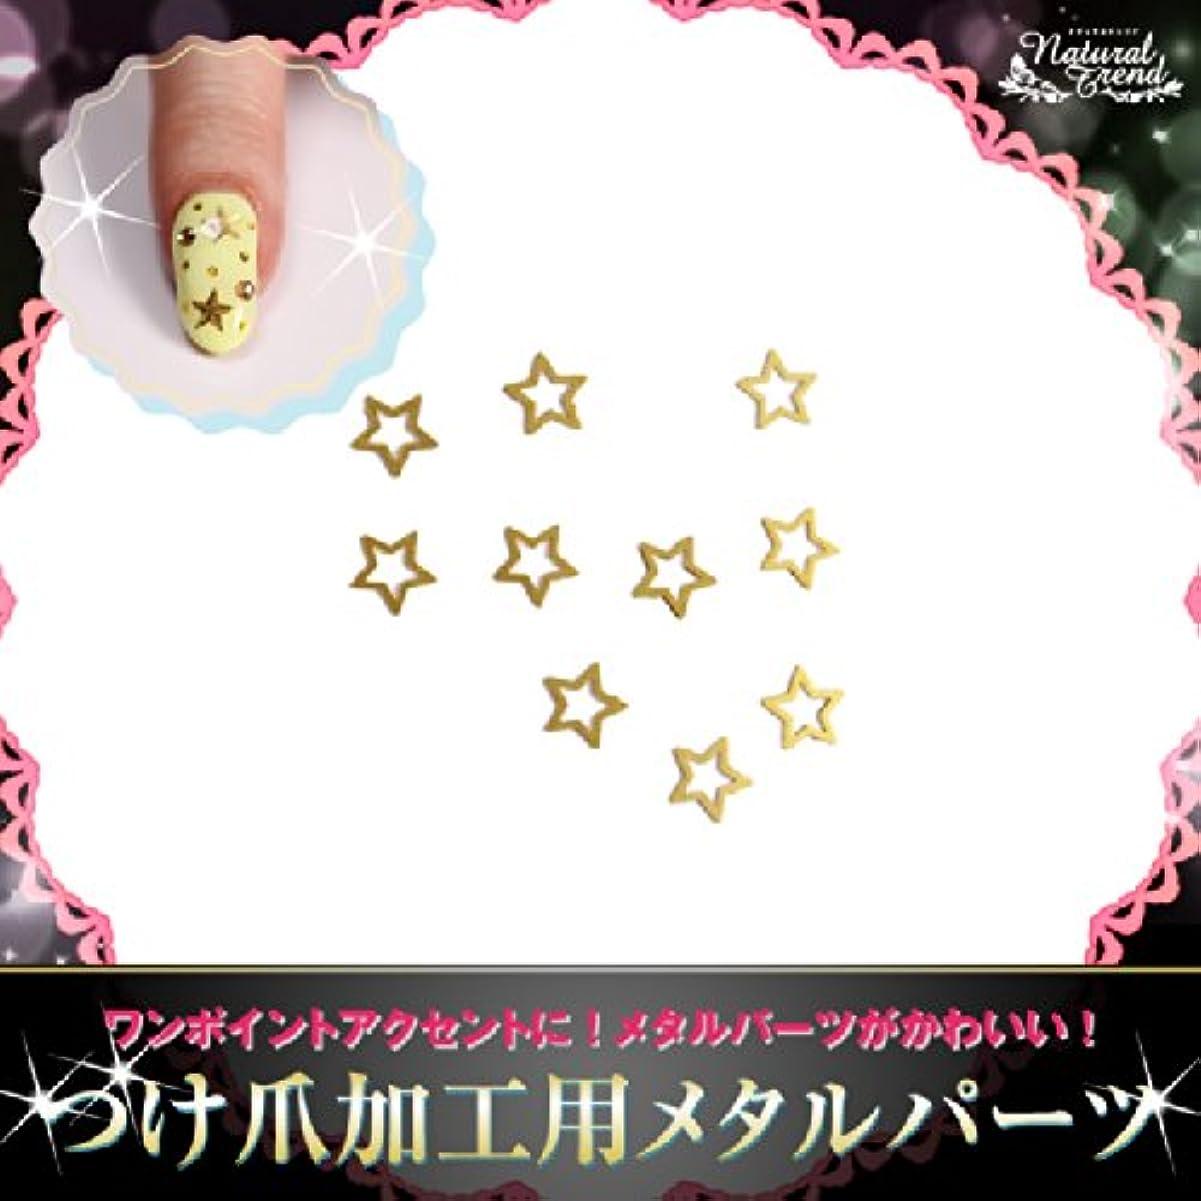 外交穿孔する電気陽性ジェルネイル ネイル_メタルパーツ (星)10枚